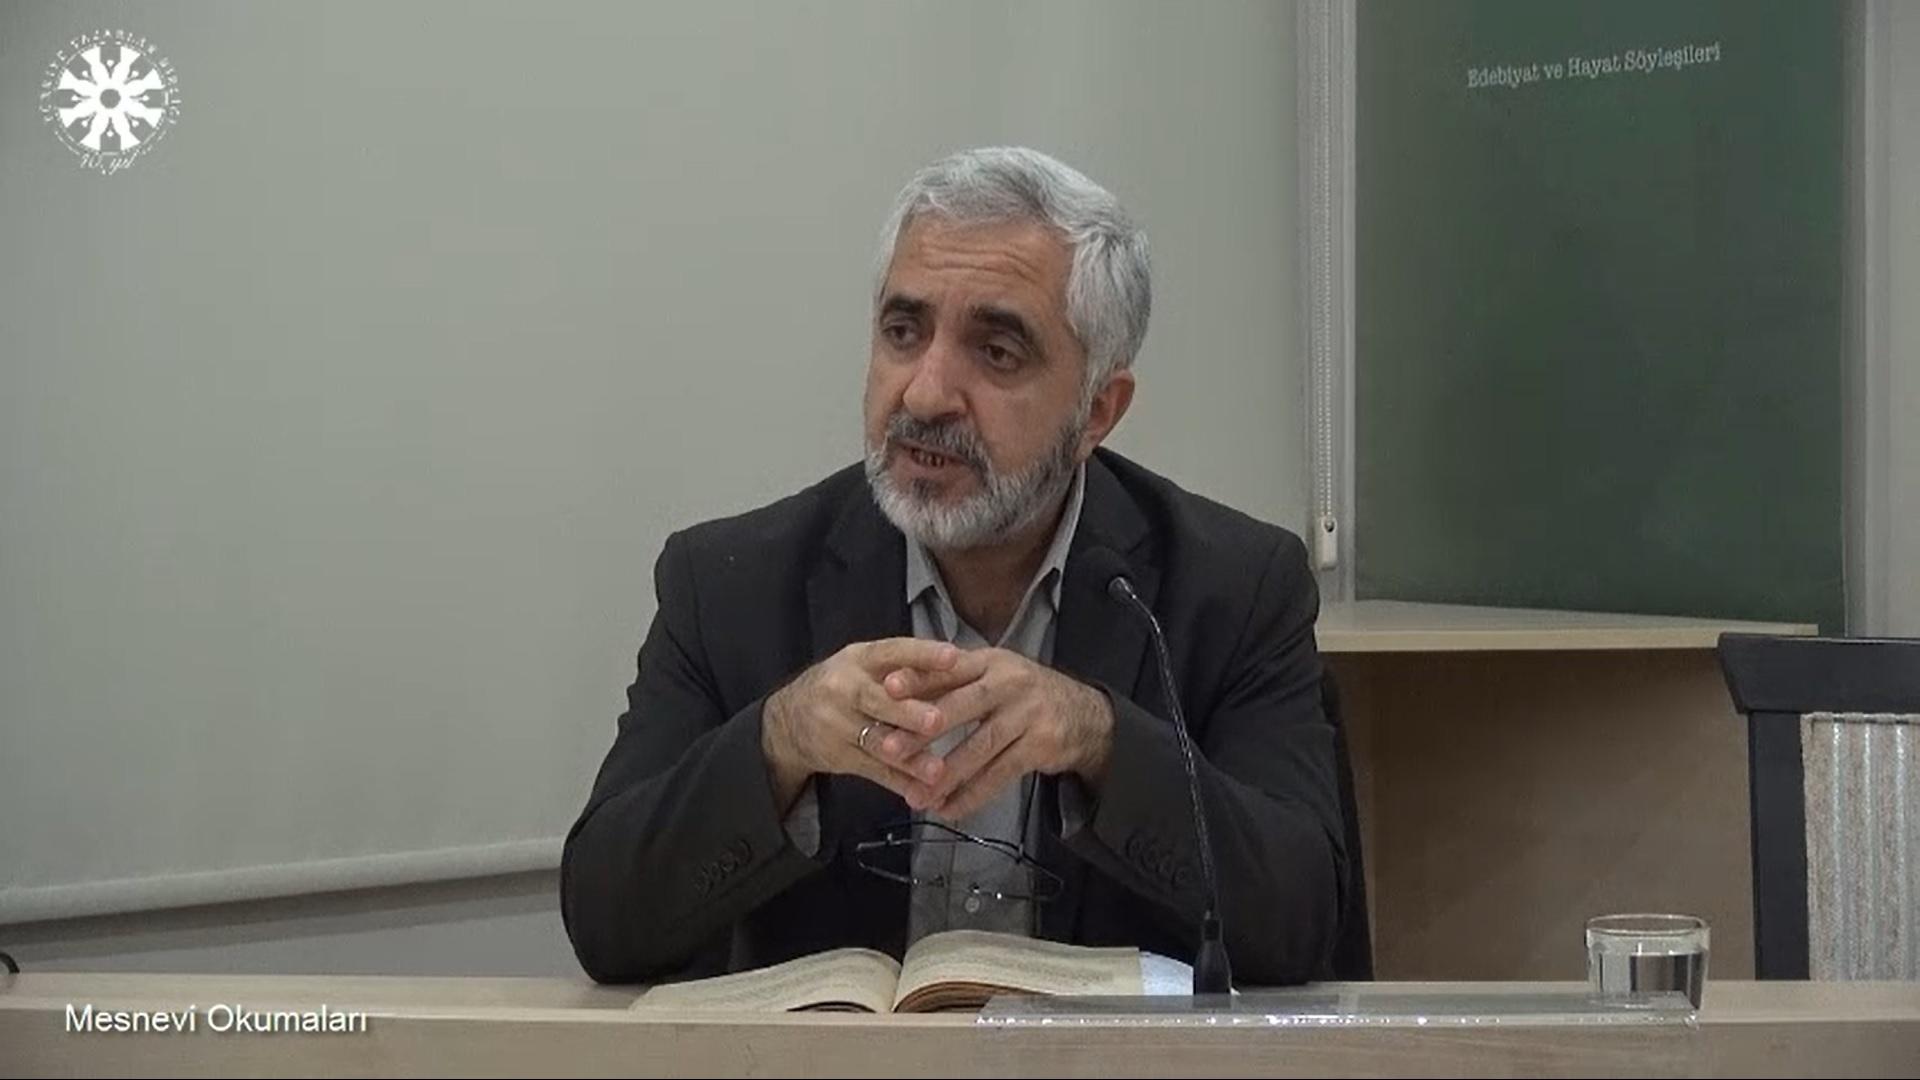 Mesnevî Okumaları -58- Prof. Dr. Zülfikar Güngör